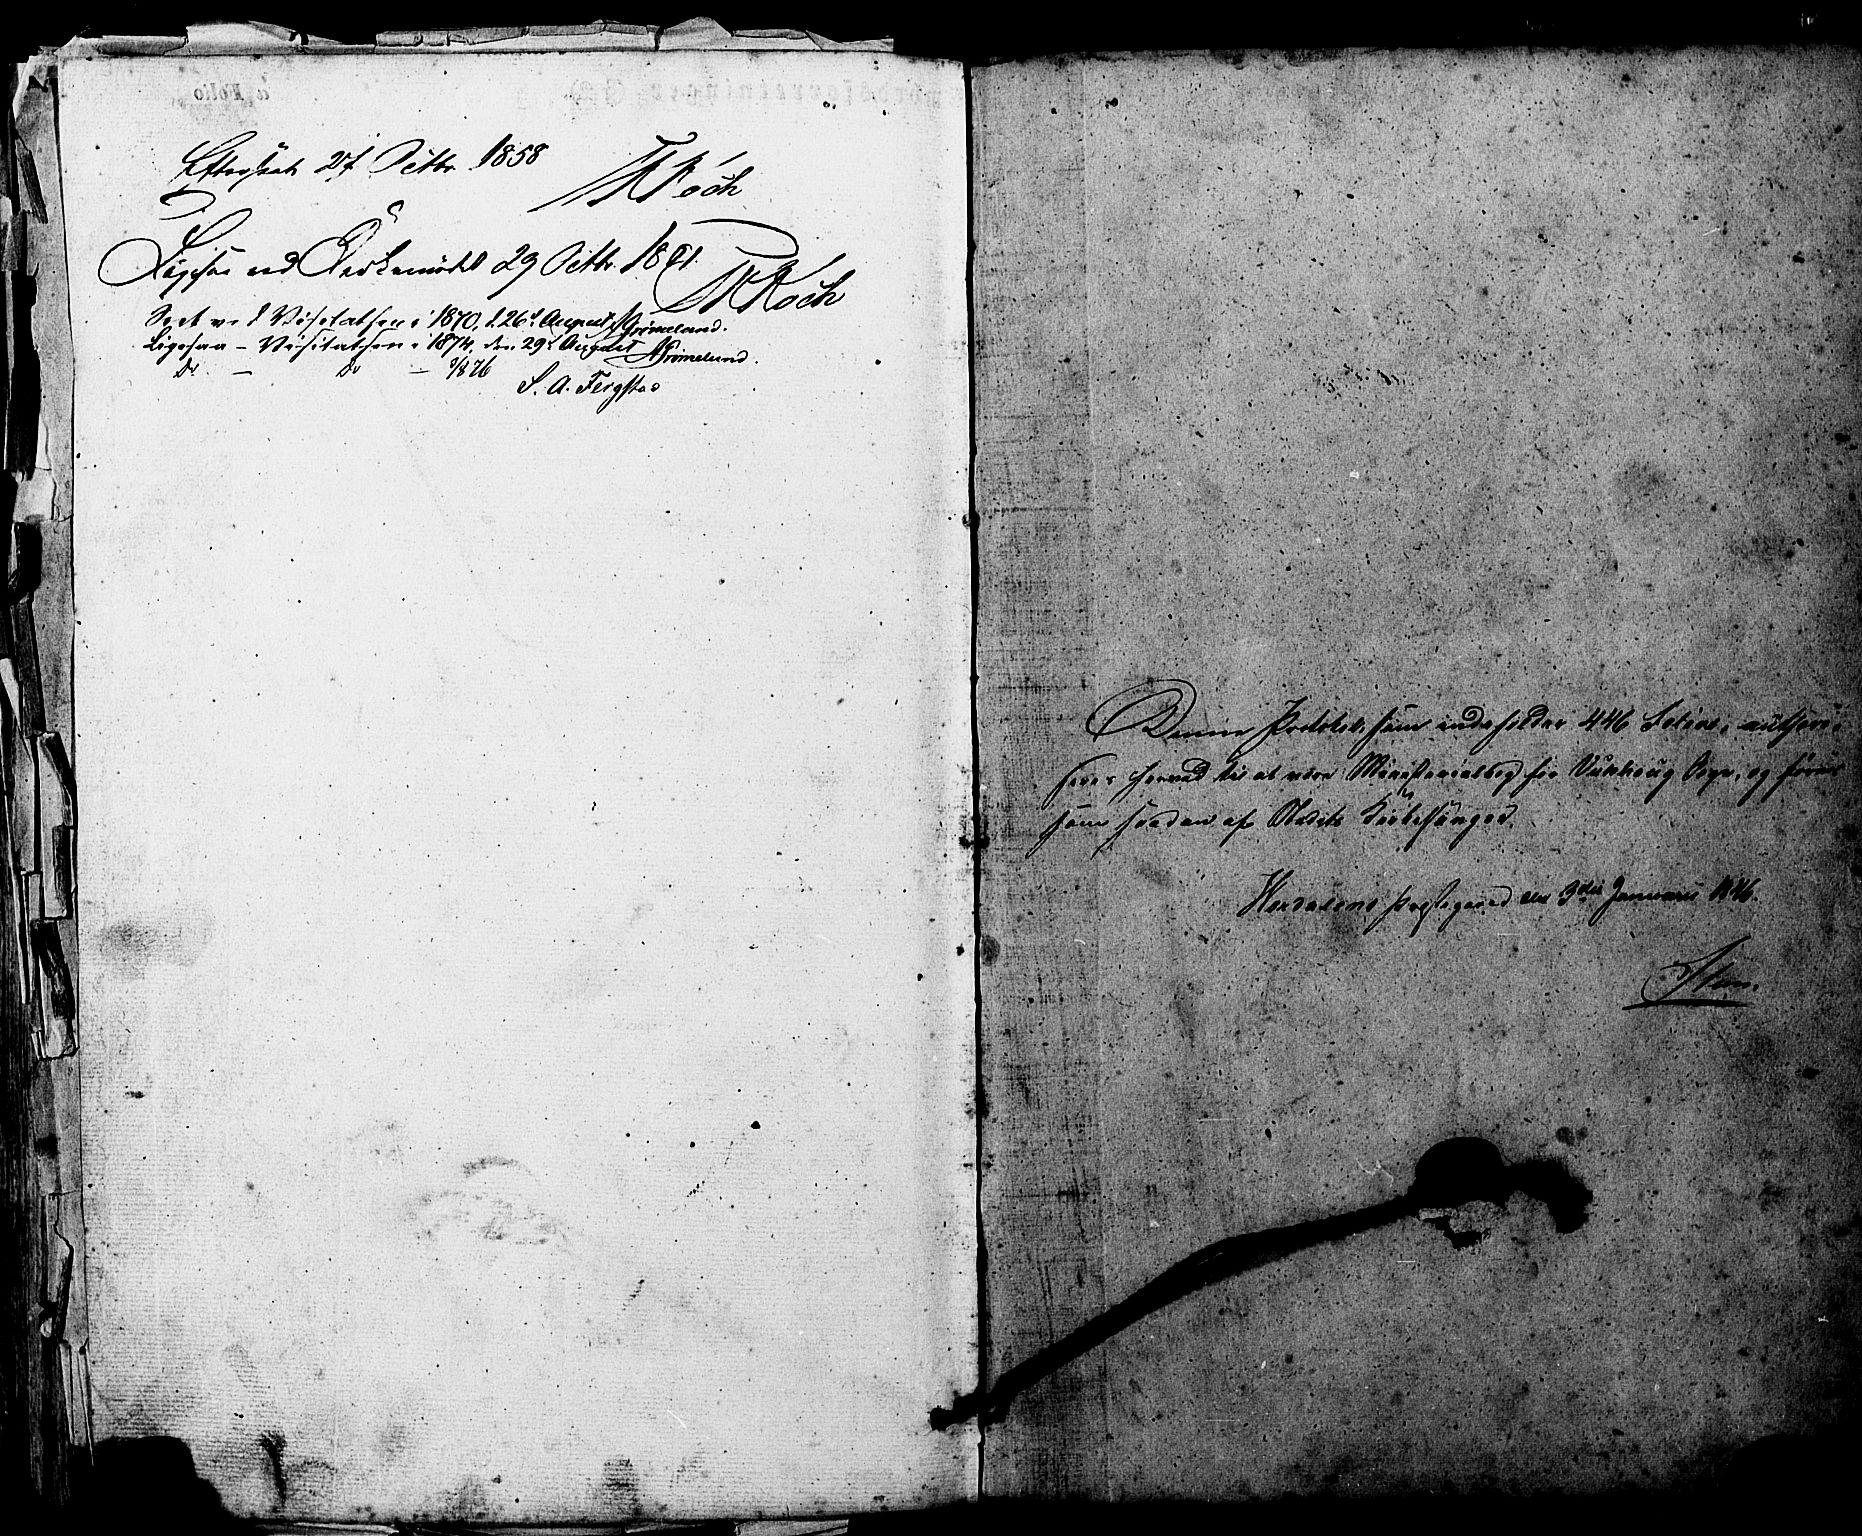 SAT, Ministerialprotokoller, klokkerbøker og fødselsregistre - Nord-Trøndelag, 724/L0268: Klokkerbok nr. 724C04, 1846-1878